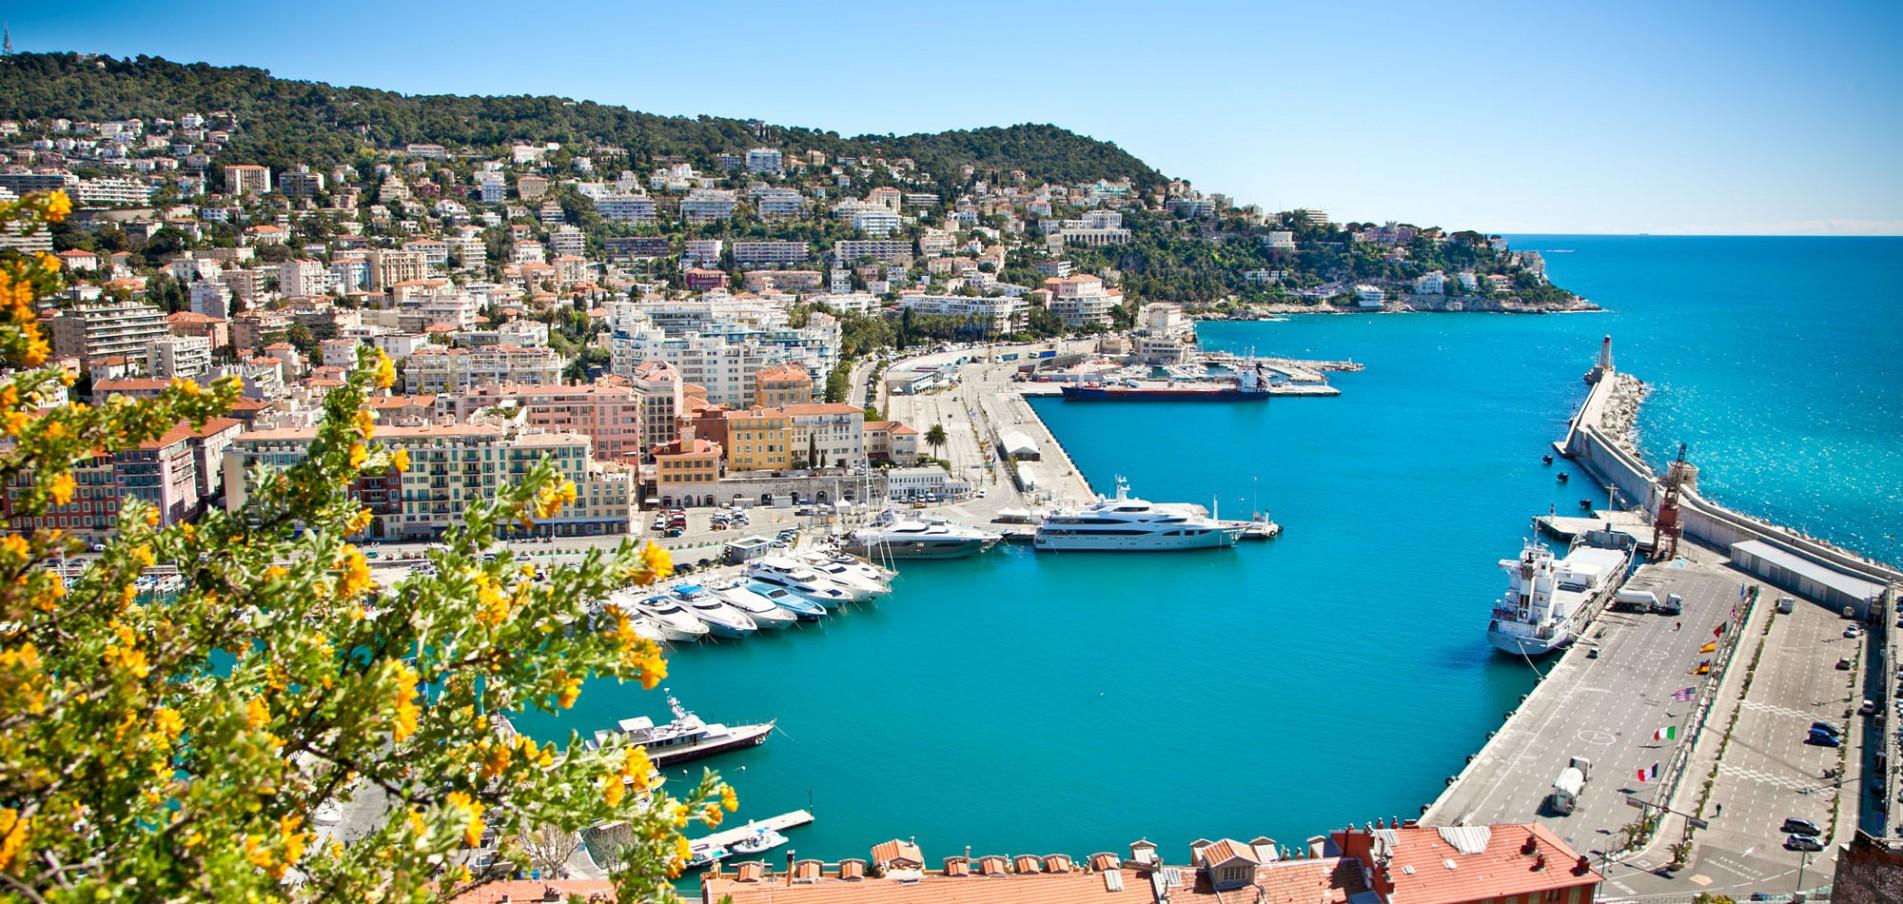 Willkommen in Nizza ... Hafenstadt im Südosten Frankreichs!